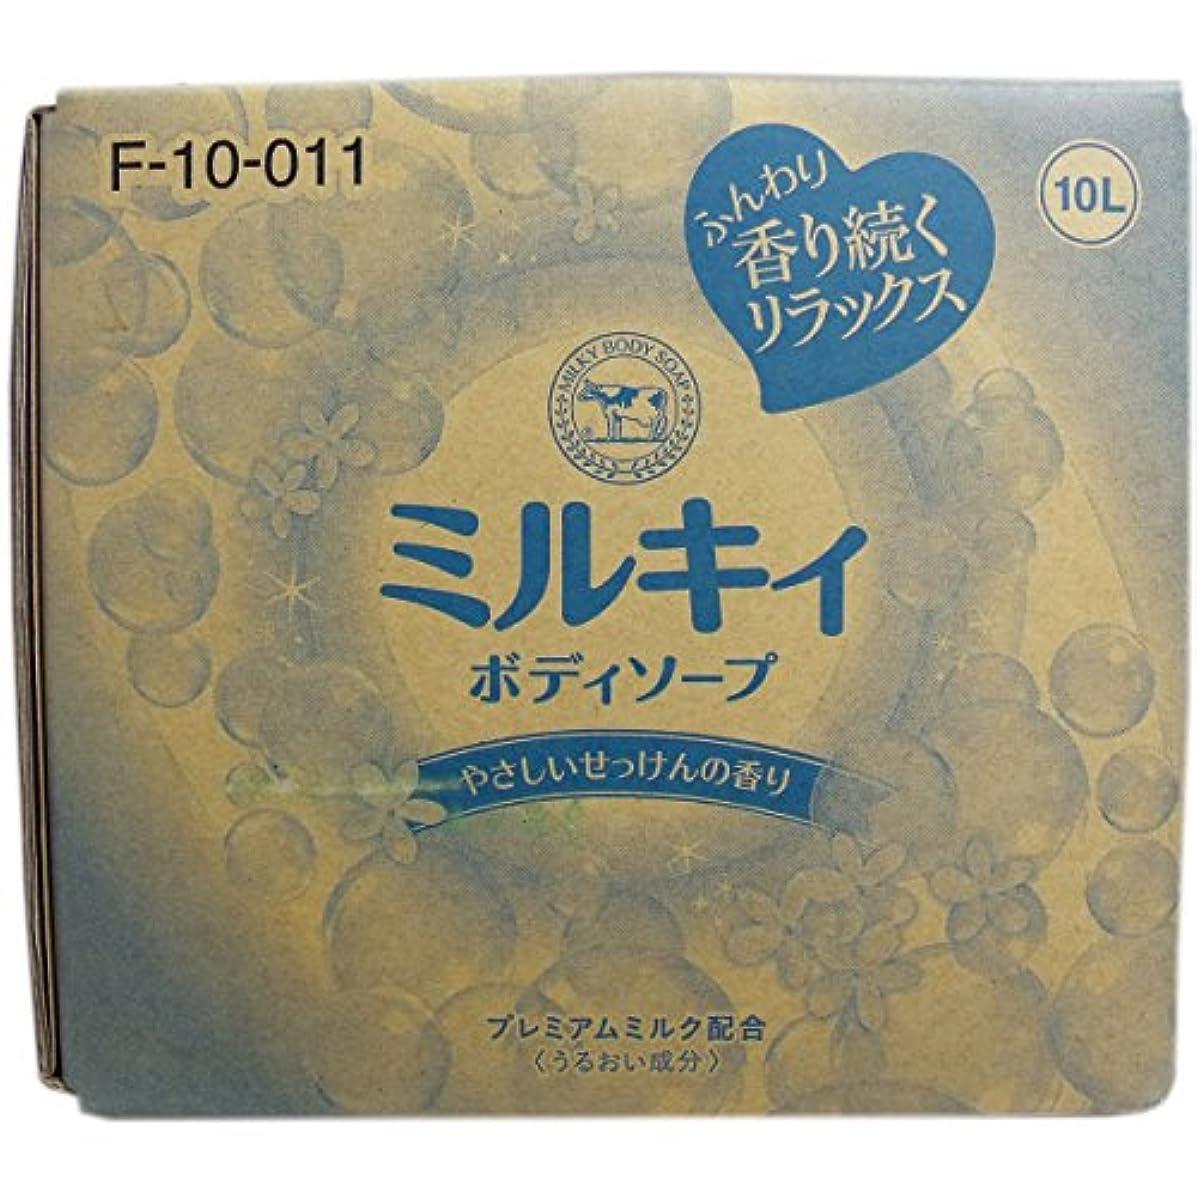 群がるまたねインスタンス牛乳石鹸 ミルキィボディソープ ミルキィボディソープ 業務用 1個